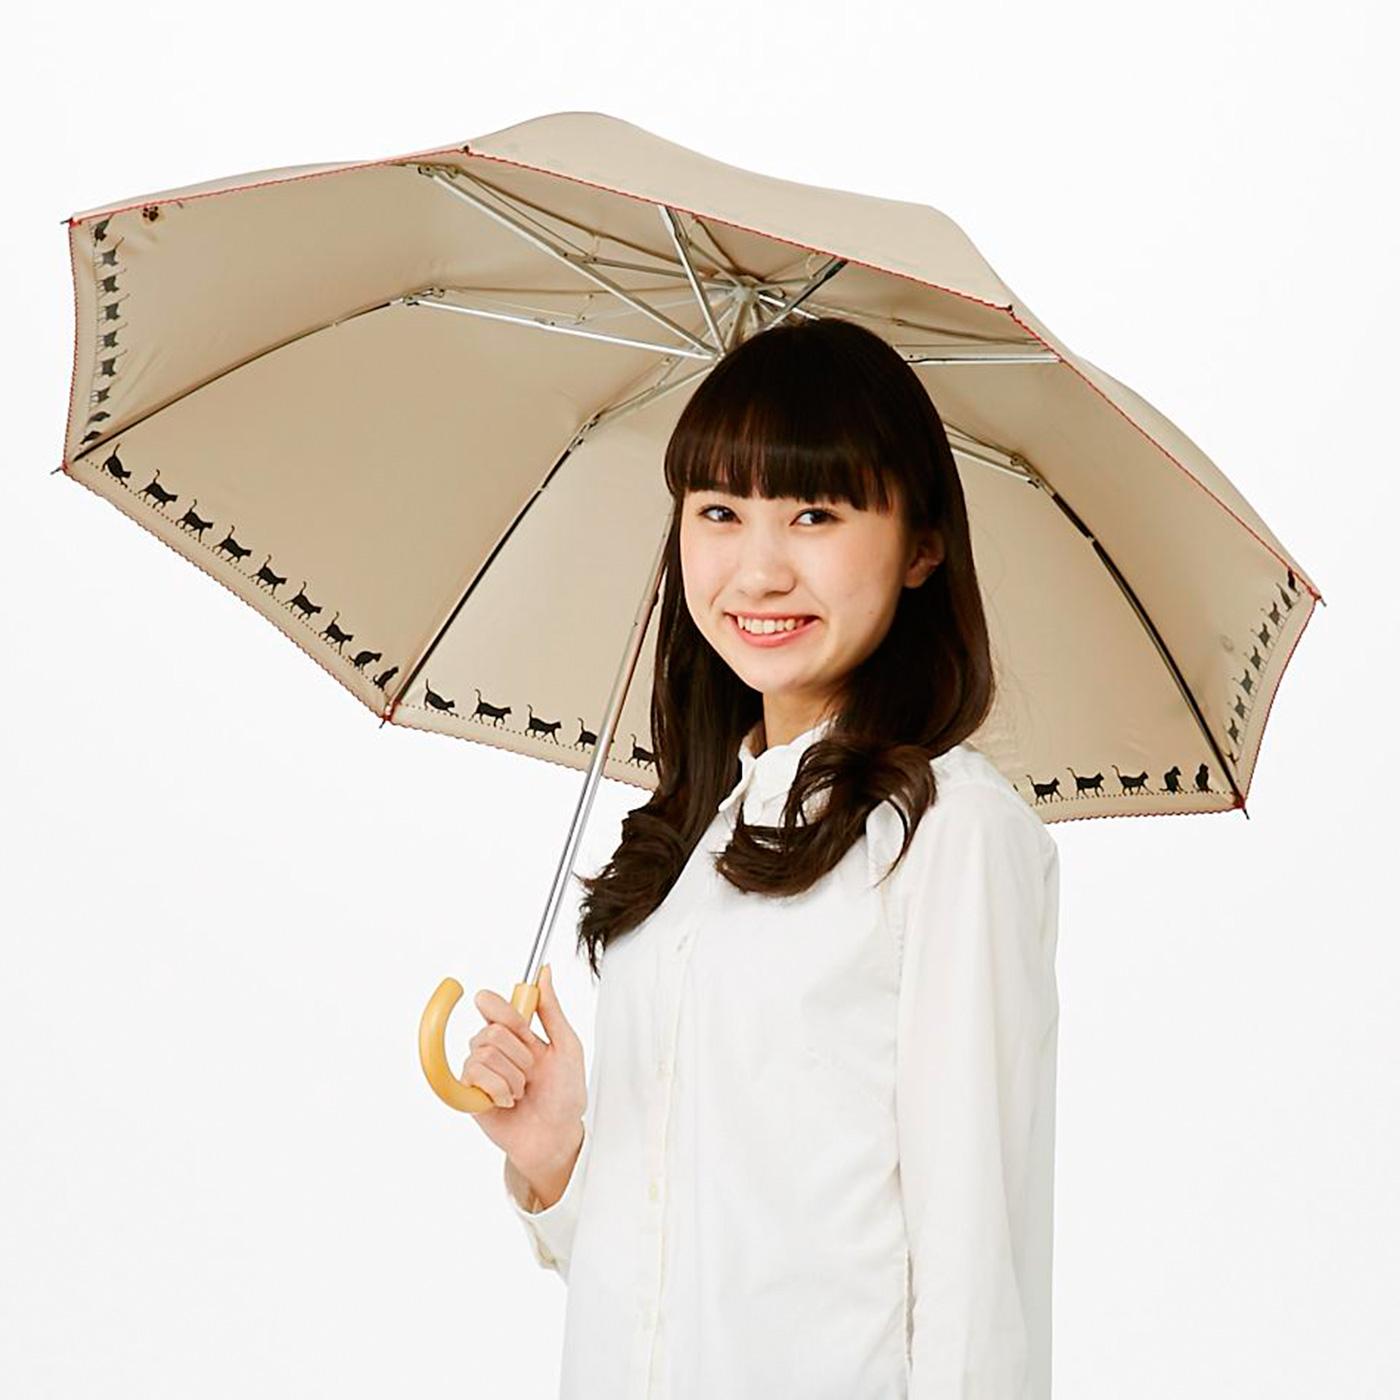 開閉スムーズ UVカットニャンブレラ〈晴雨兼用傘〉